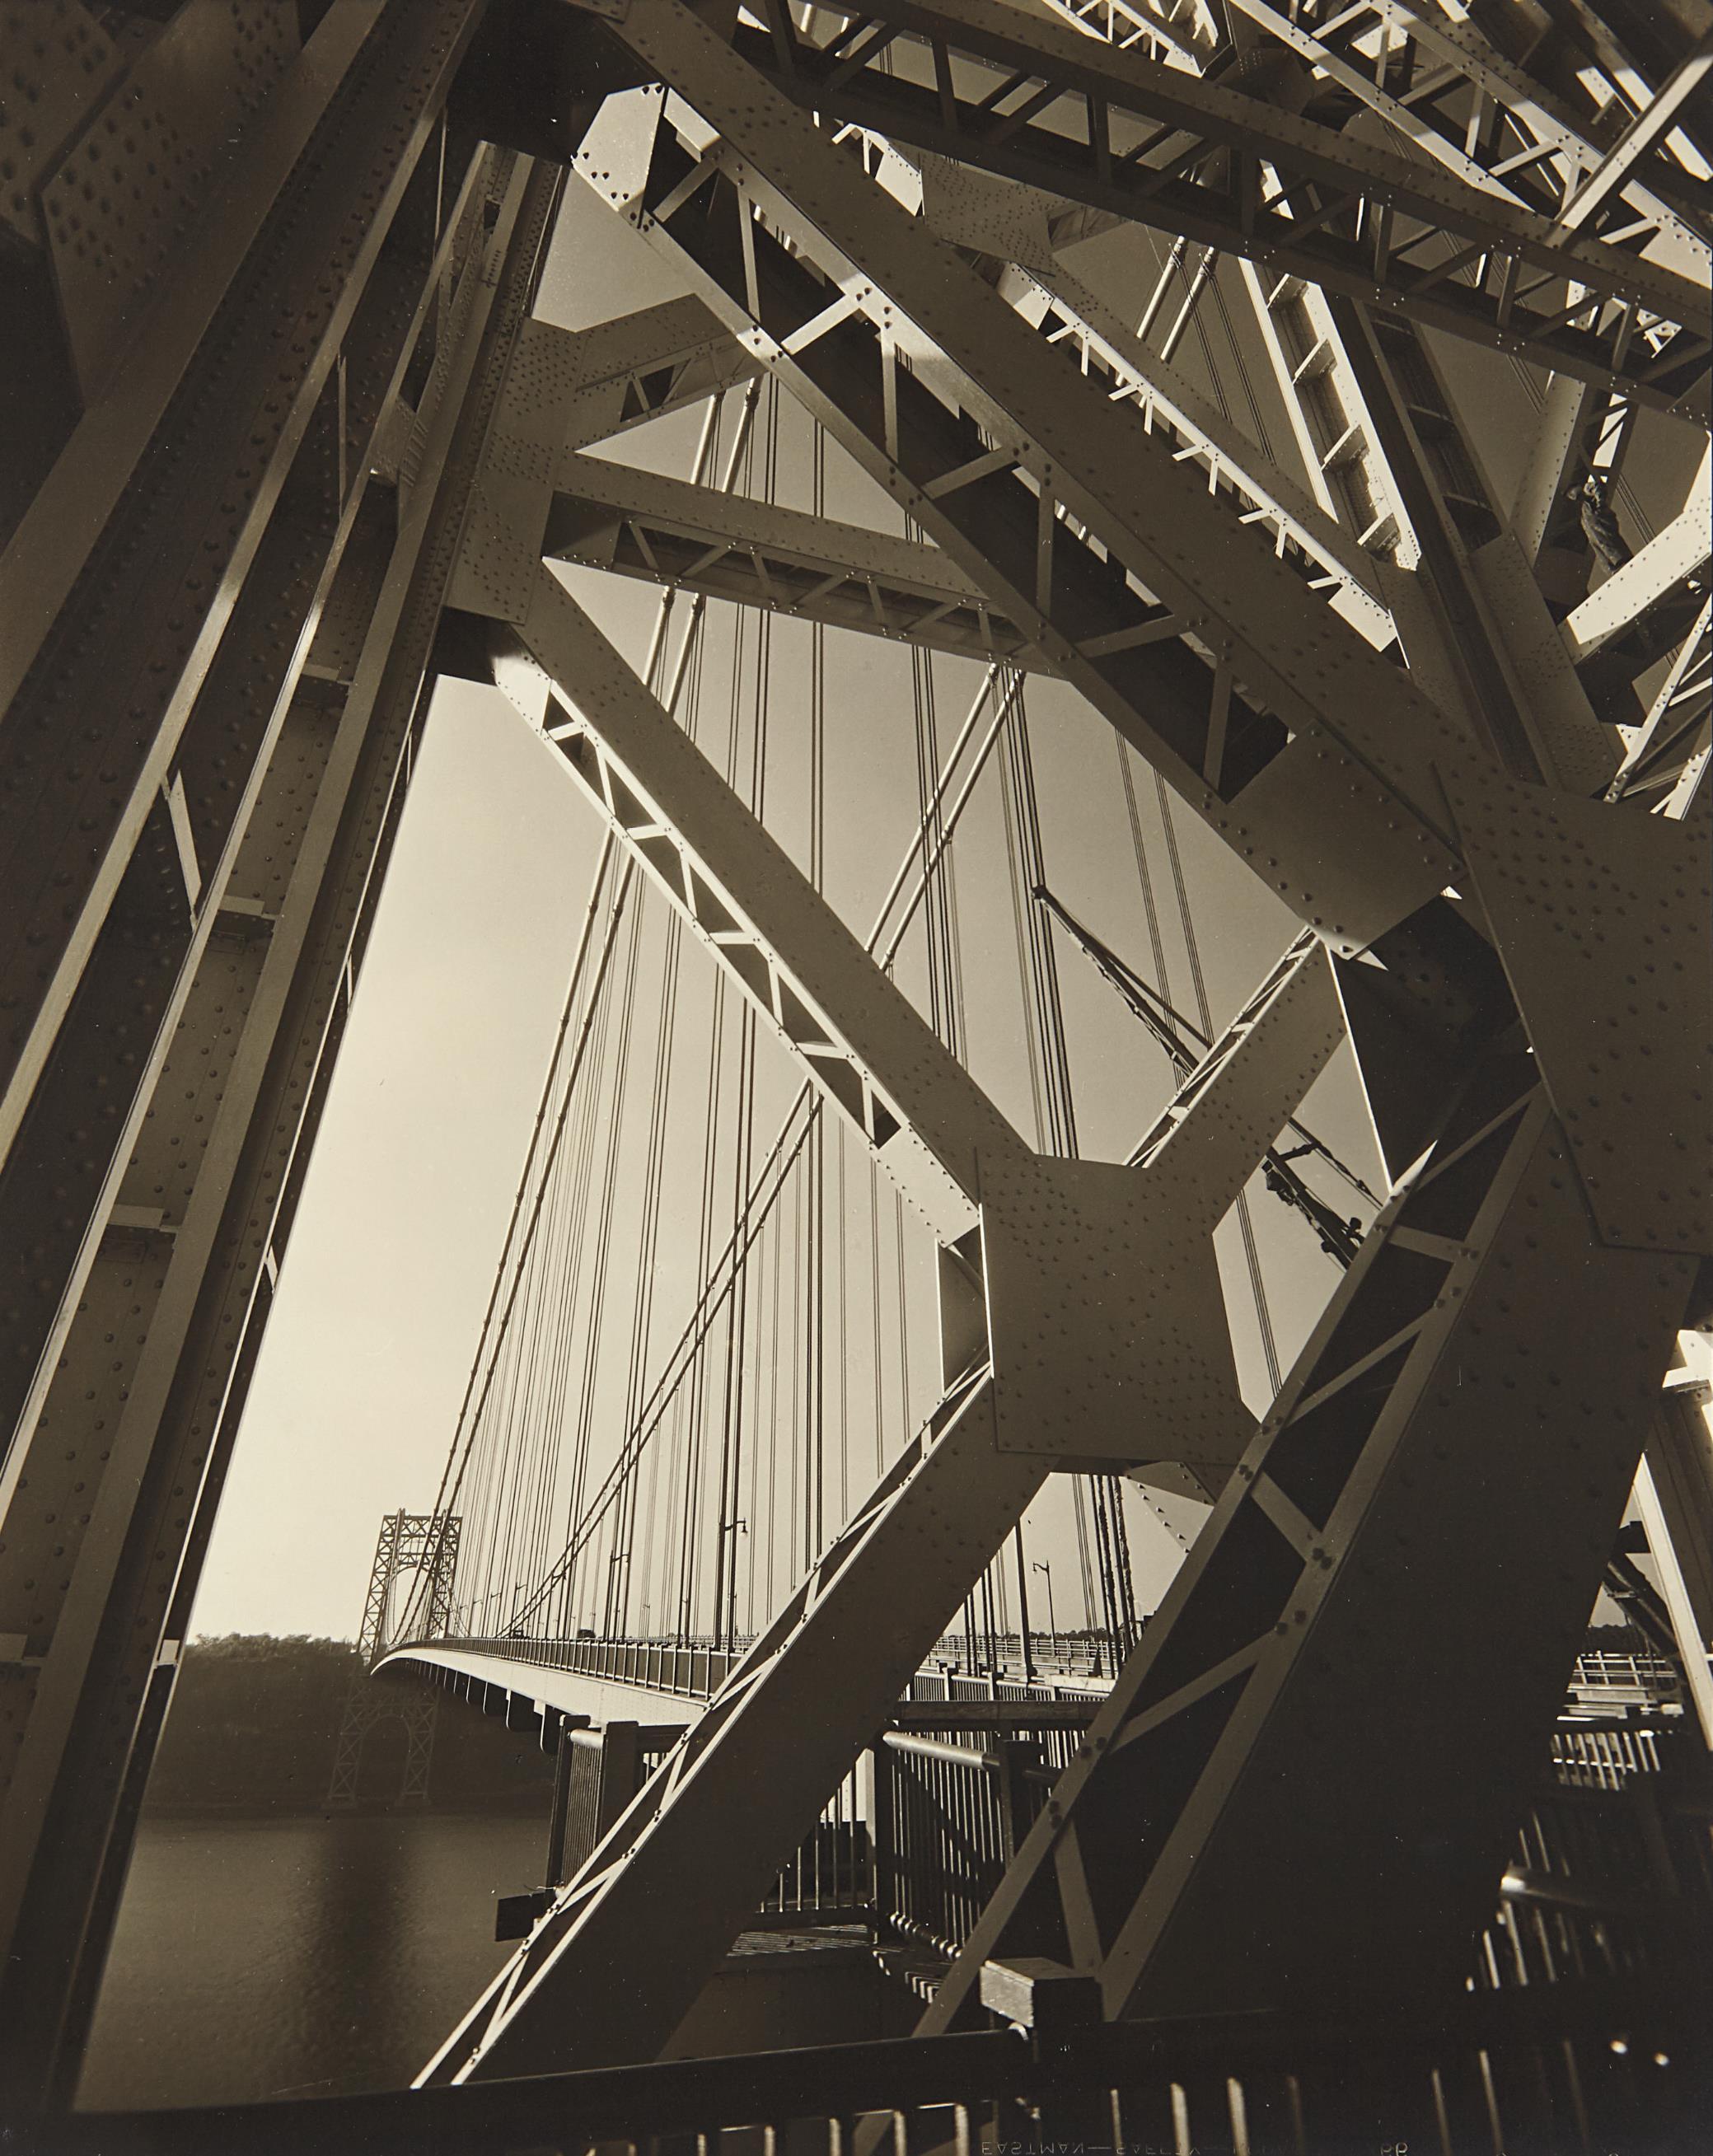 Edward Steichen-George Washington Bridge, New York-1931